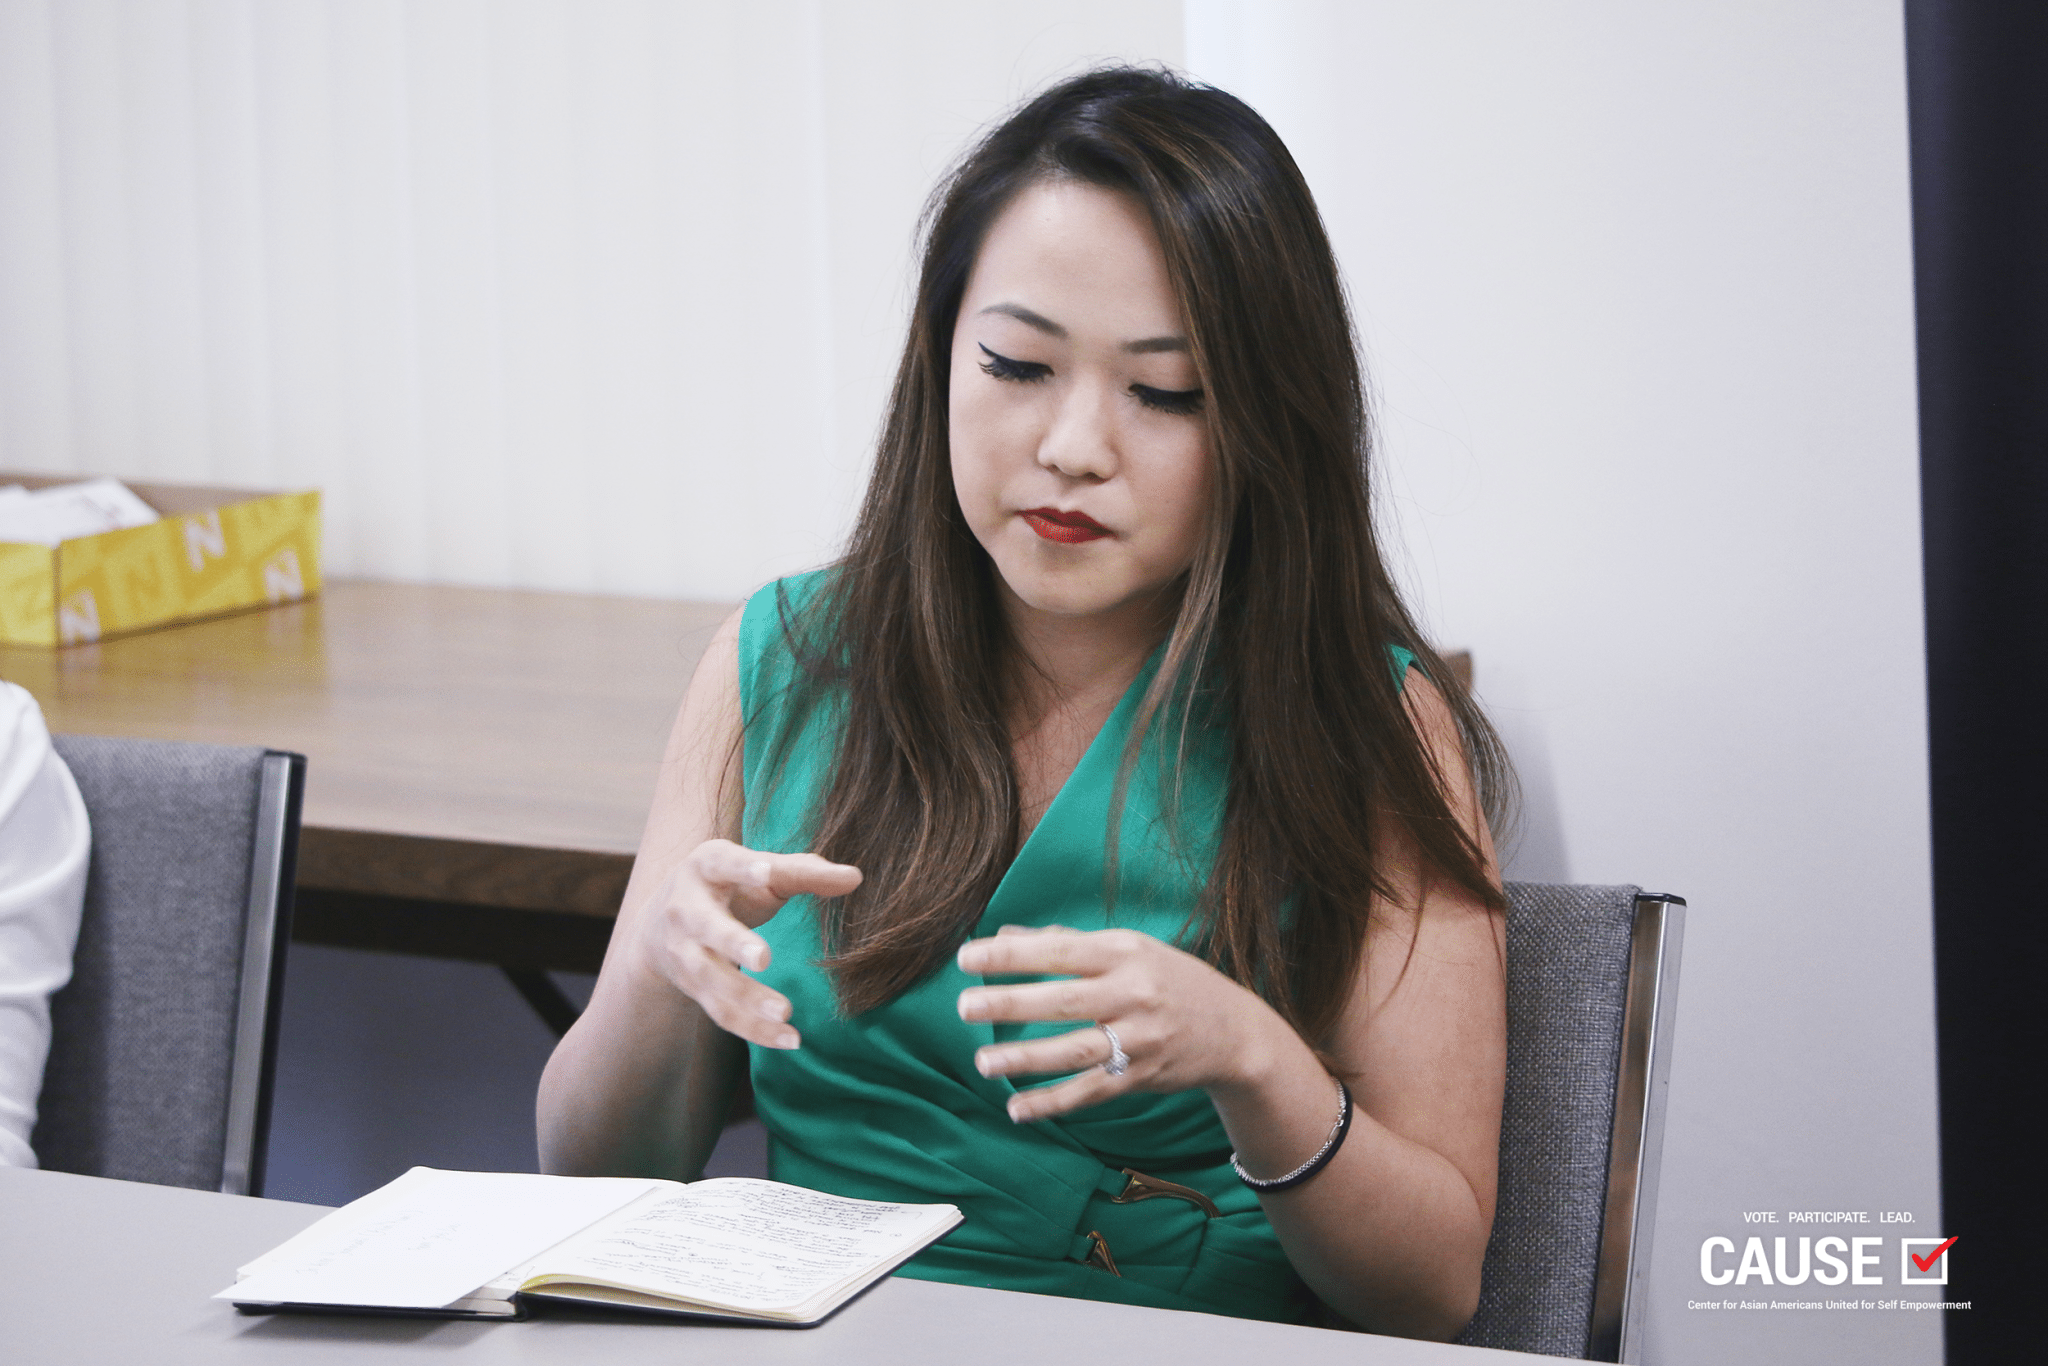 Claire Kitayama